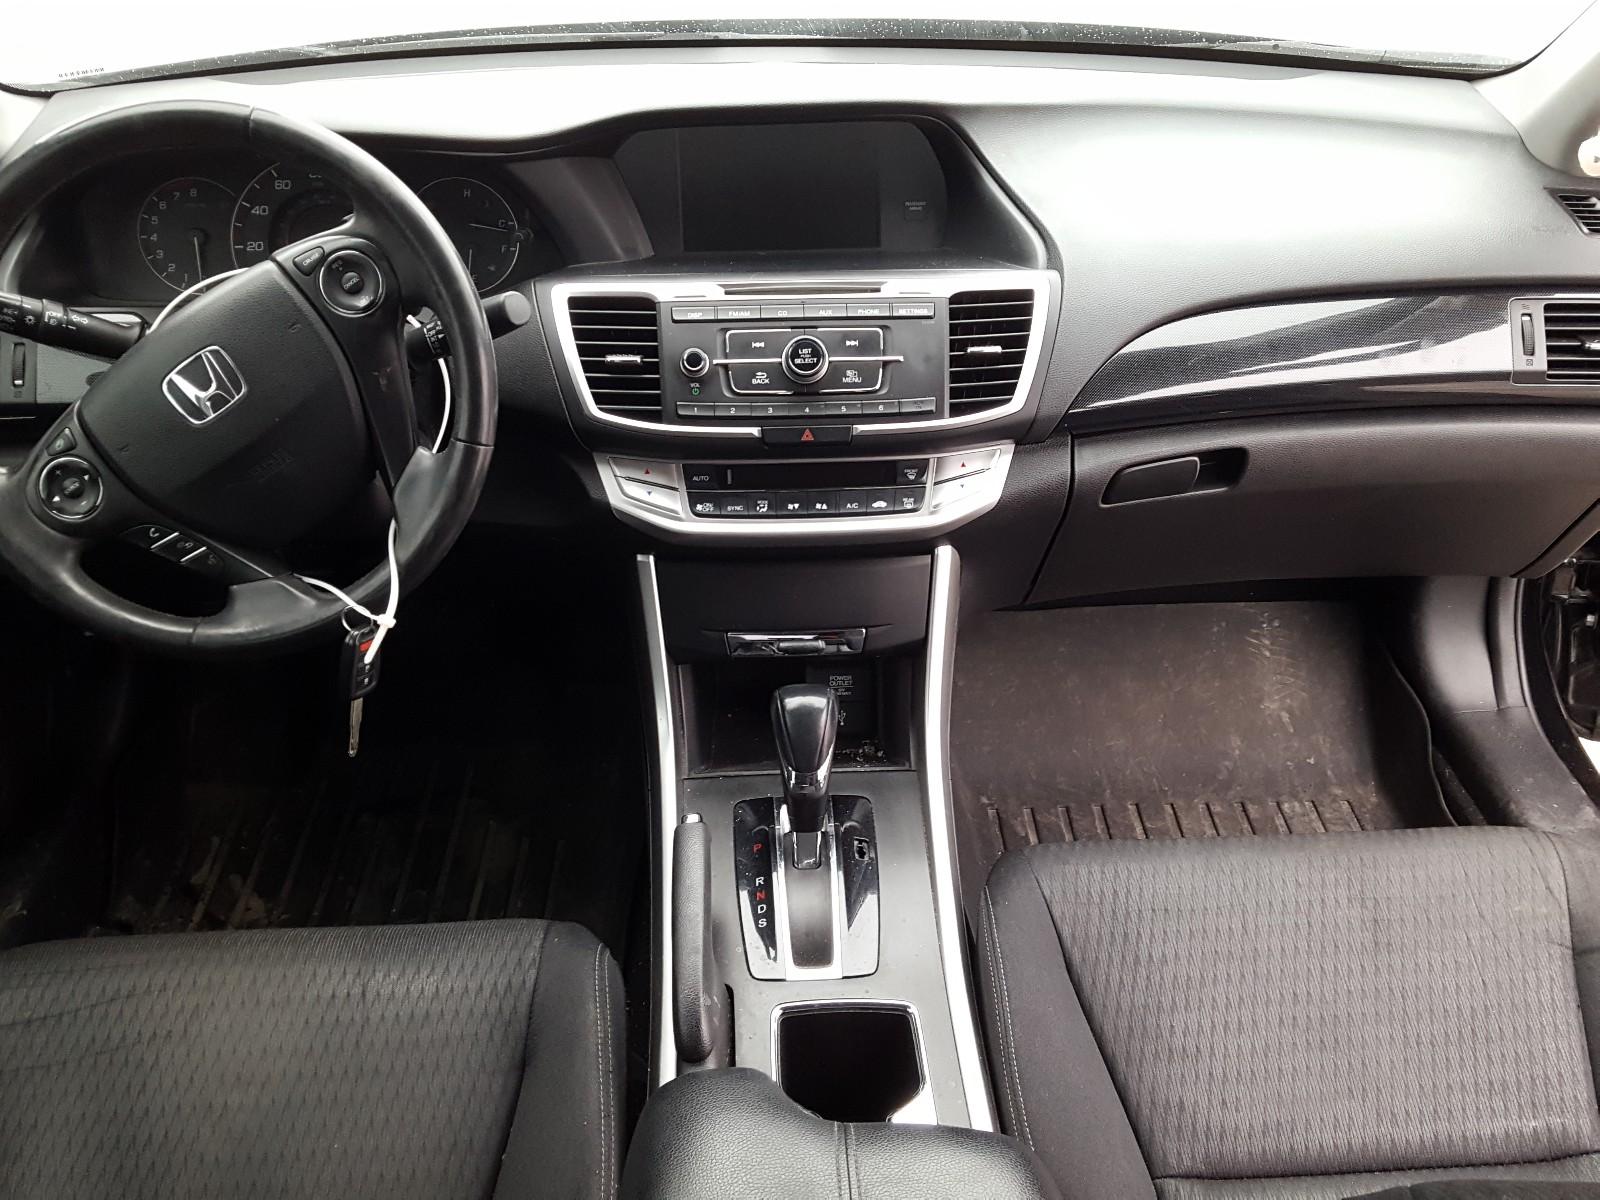 1HGCR2F5XEA126161 - 2014 Honda Accord Spo 2.4L engine view